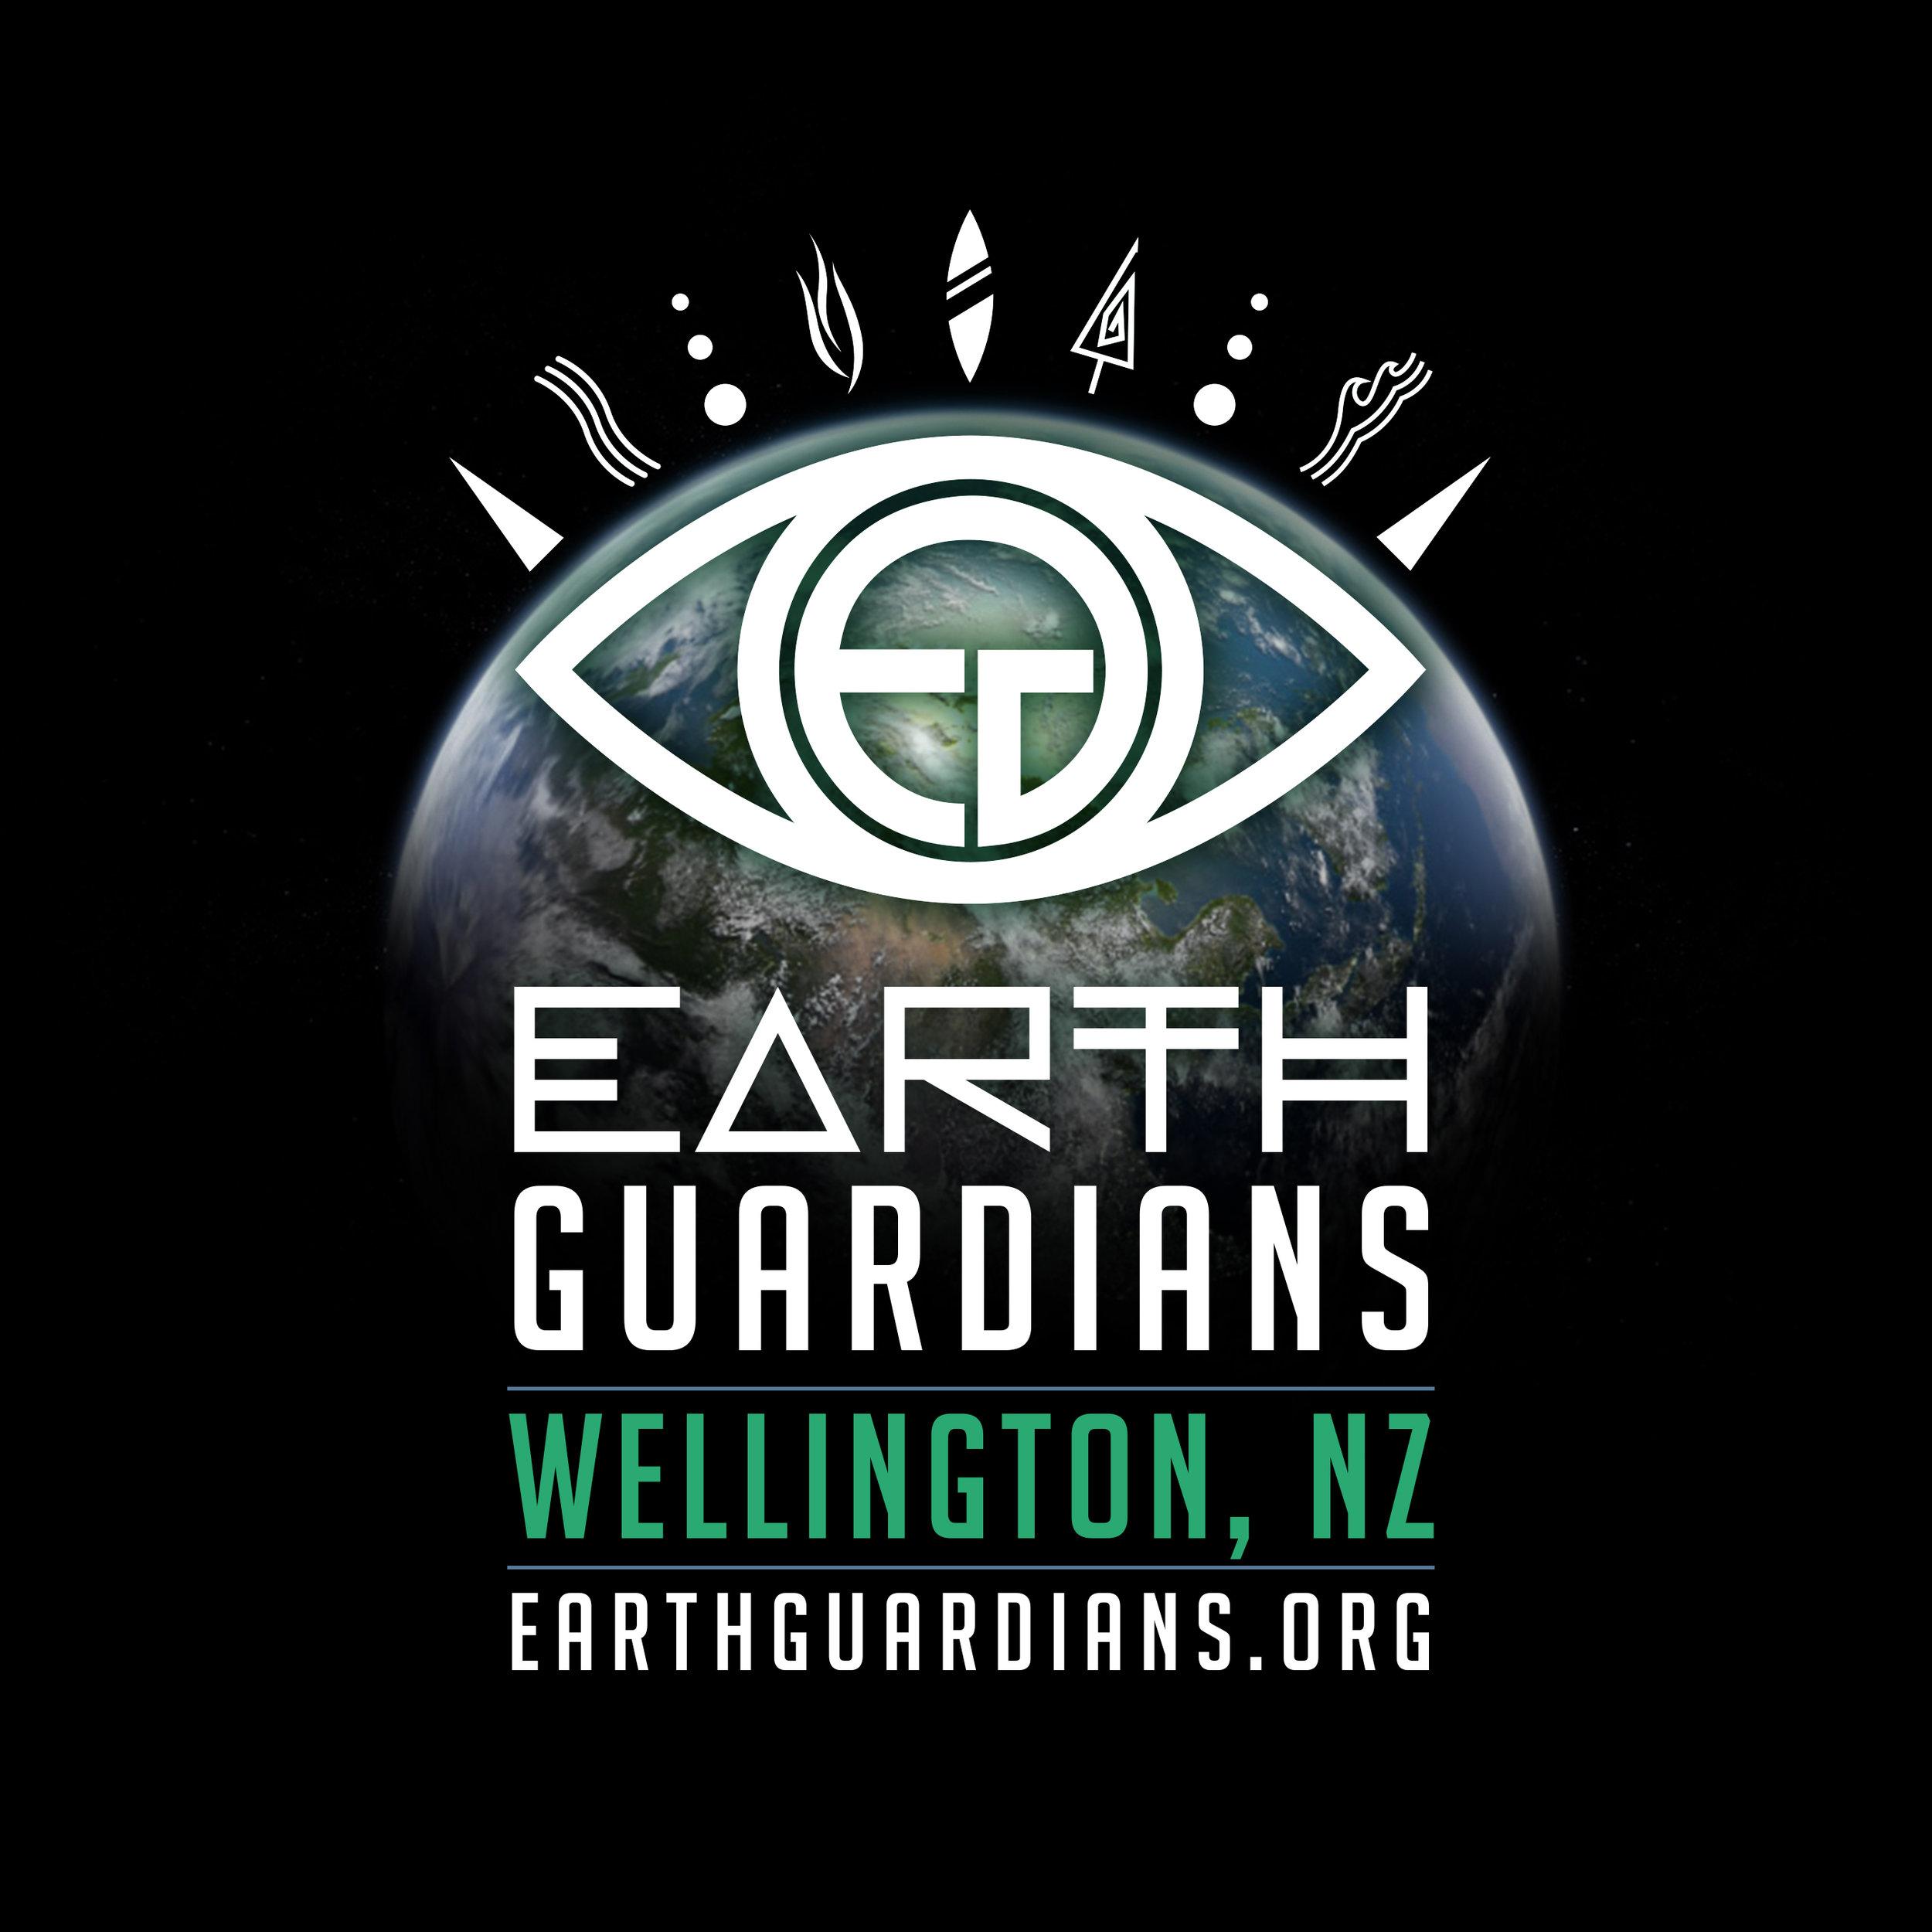 EG_WellingtonNZ.jpg